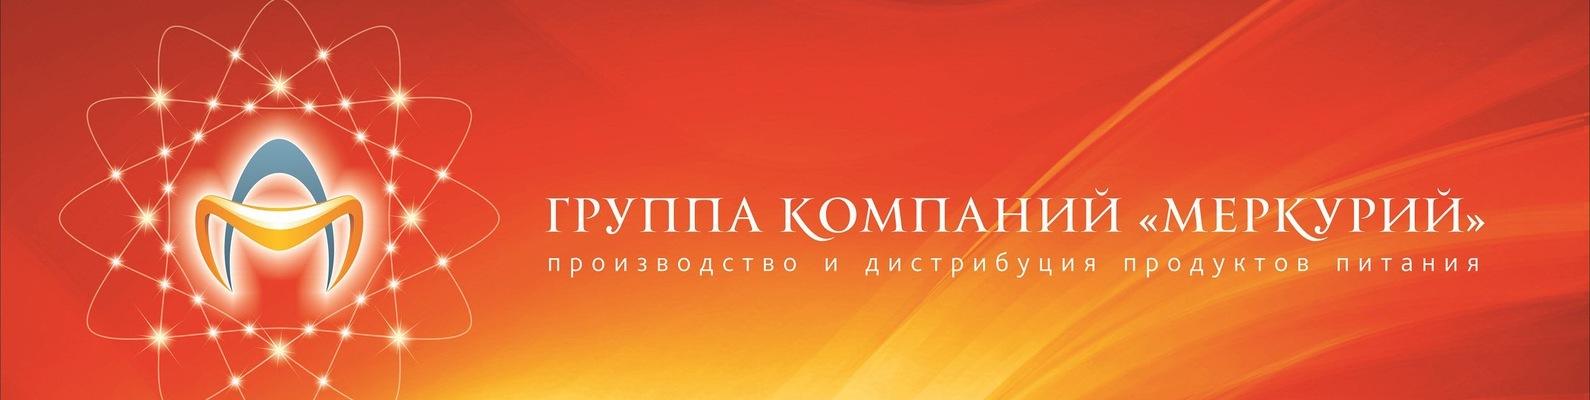 Группа компаний меркурий официальный сайт москва программа для простого создания сайта